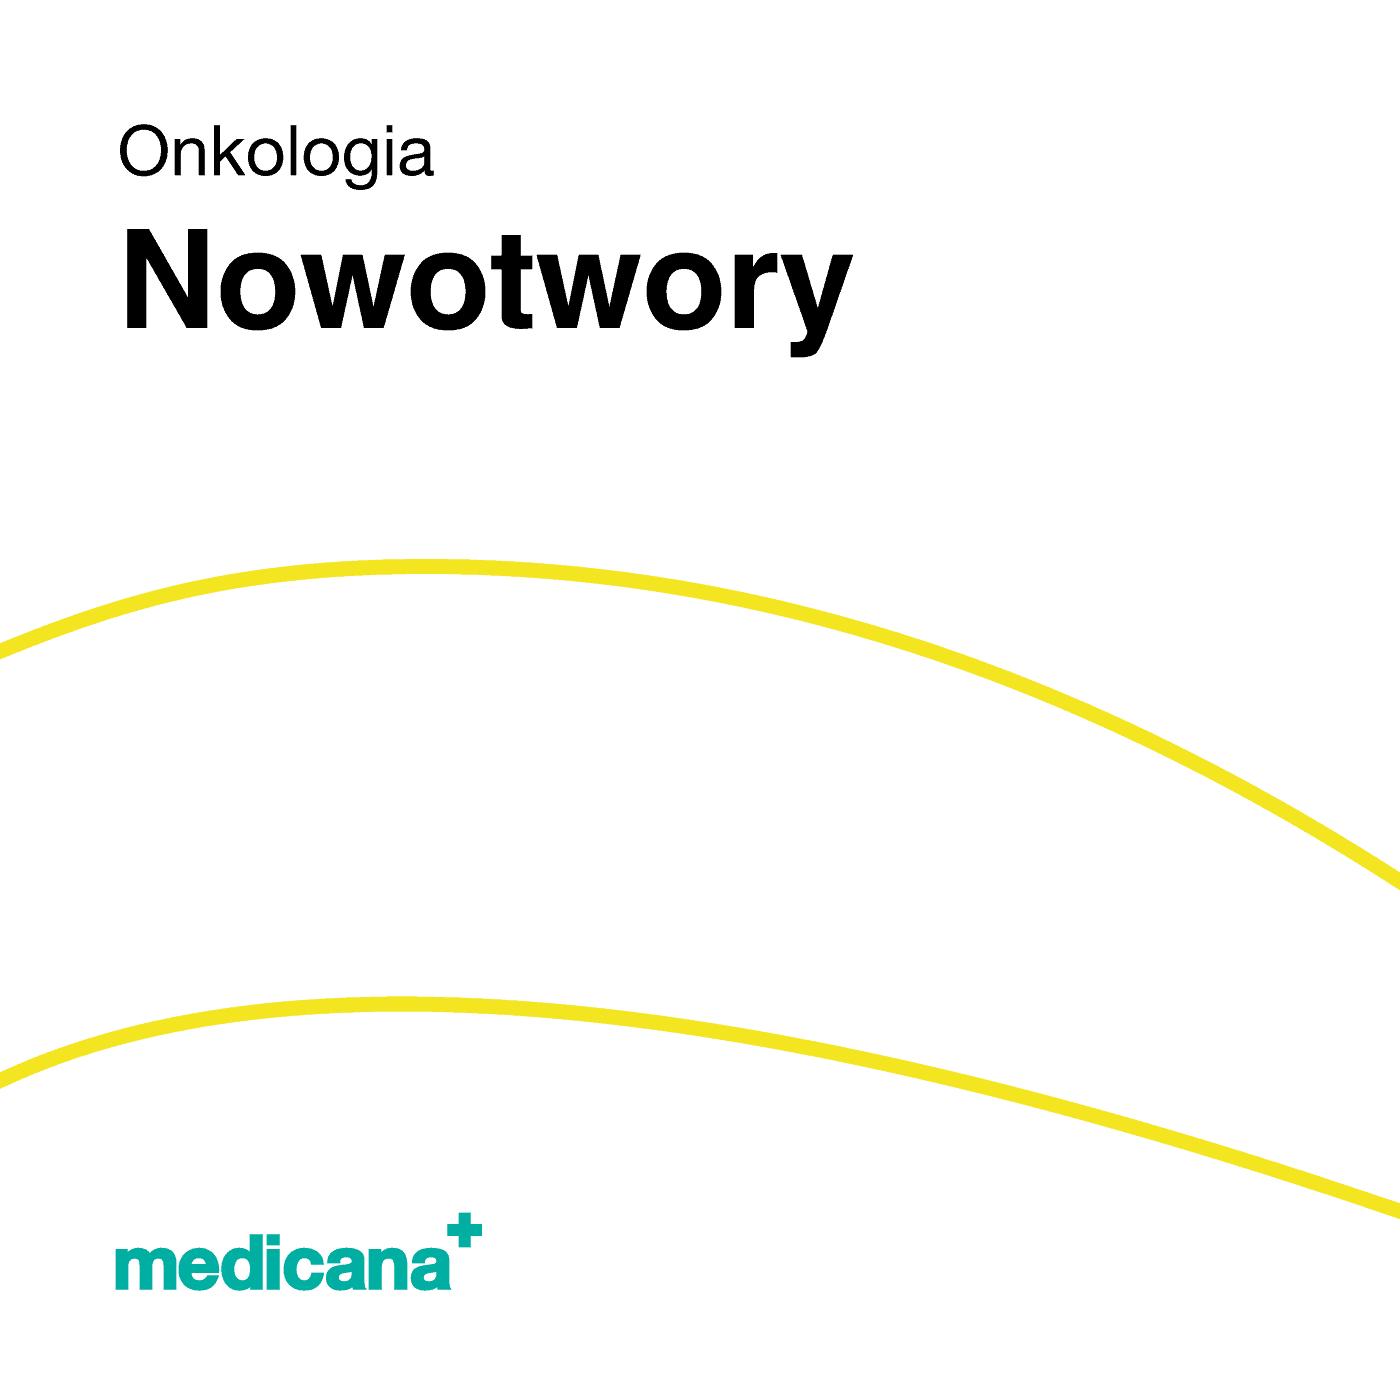 Grafika, białe tło z żółtą kreską, czarnym napisem Onkologia -Nowotwory oraz zielonym logo Medicana w lewym dolnym rogu.